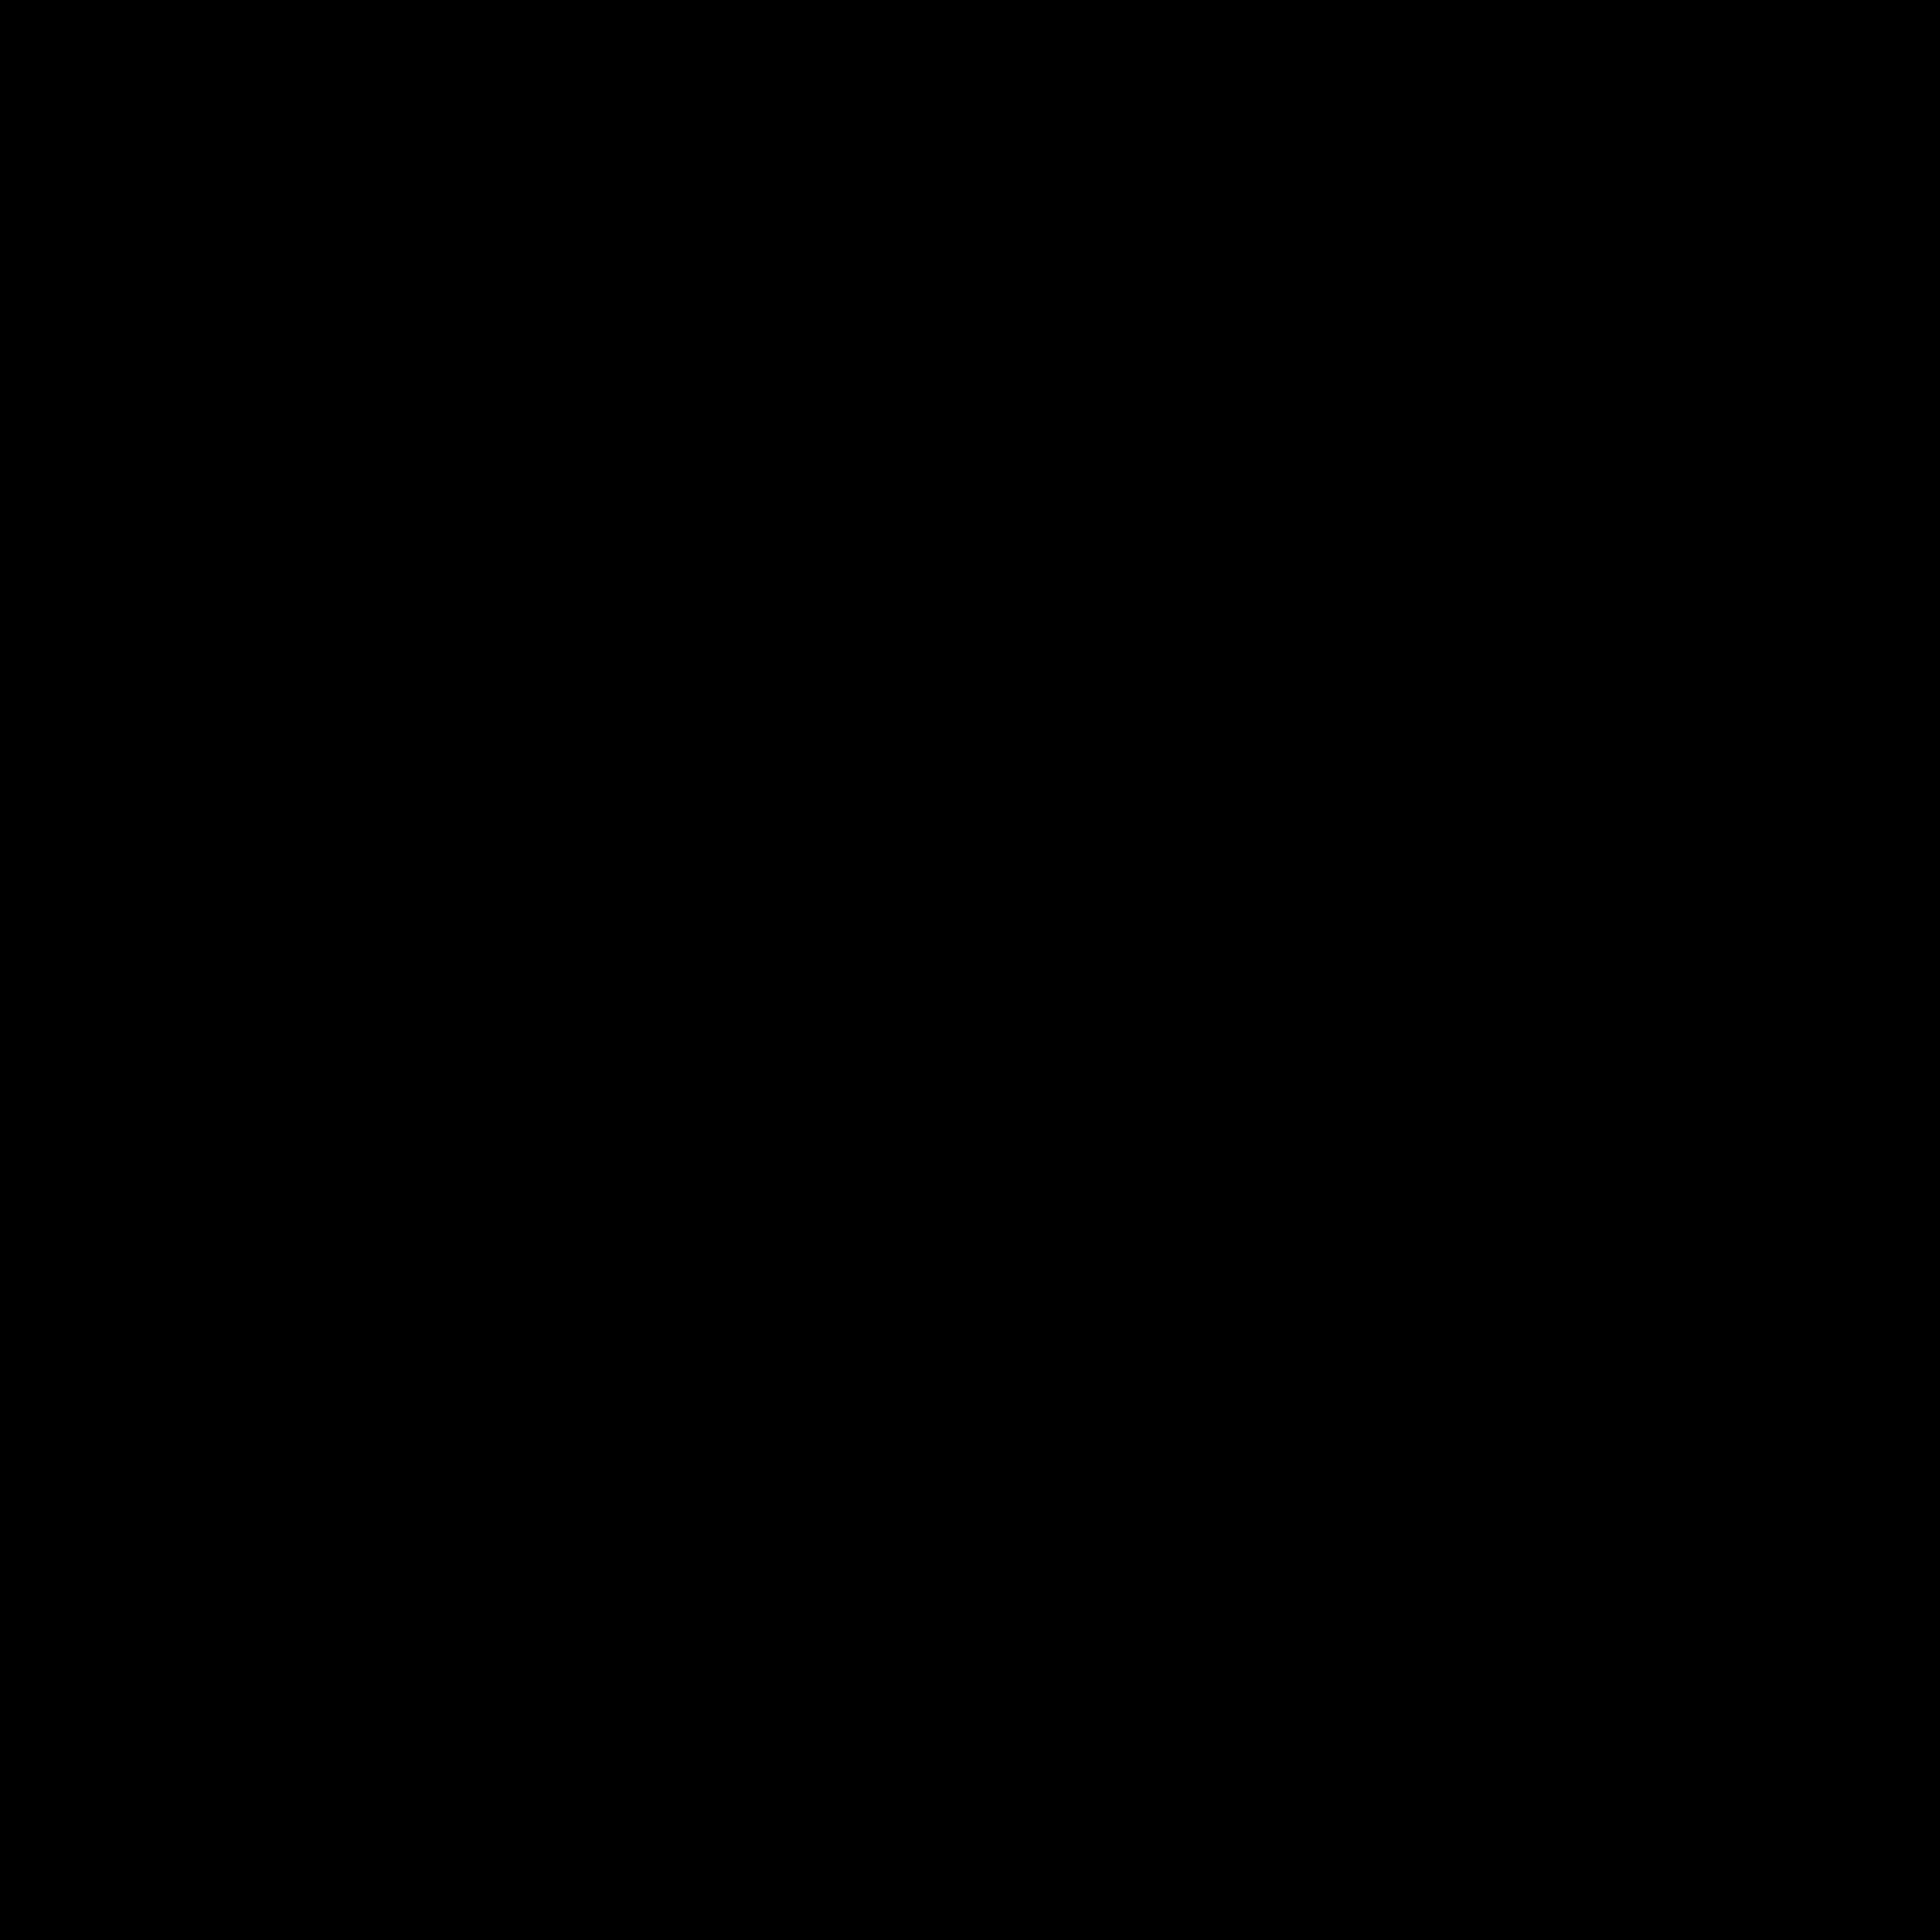 LCA Diagram